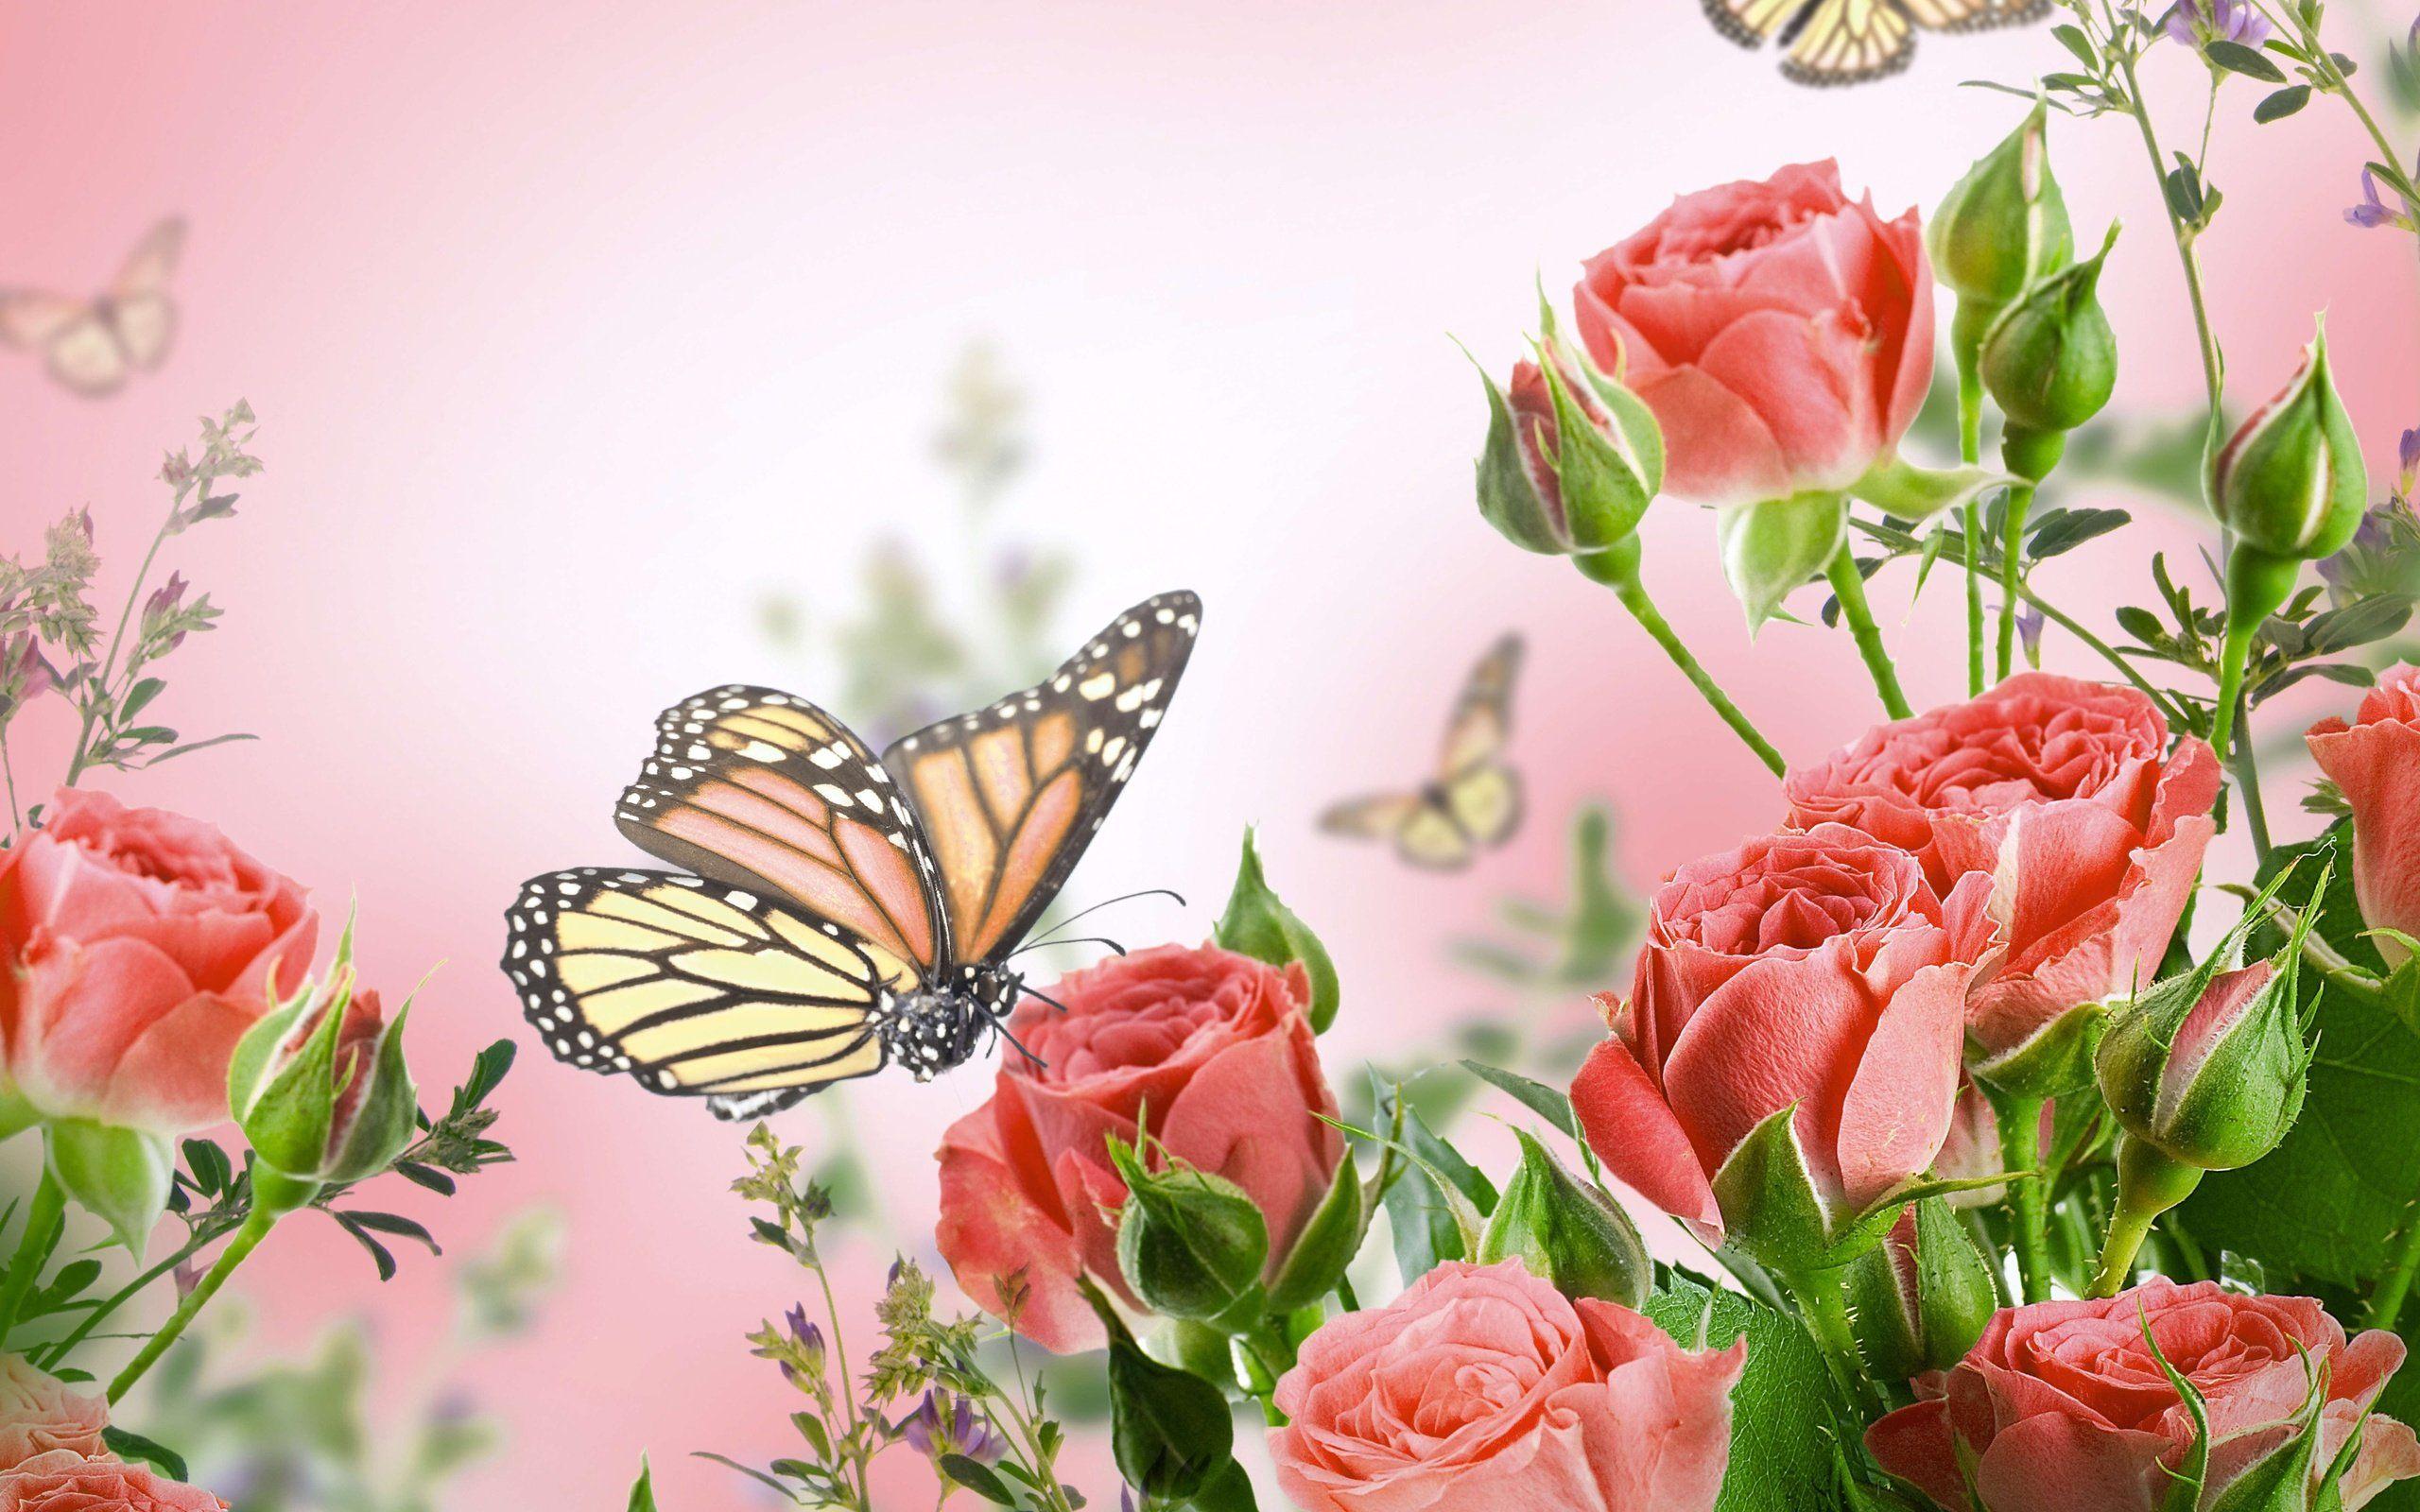 Wallpaper beautiful flower red rose butterfly bokeh for Butterfly in a flower